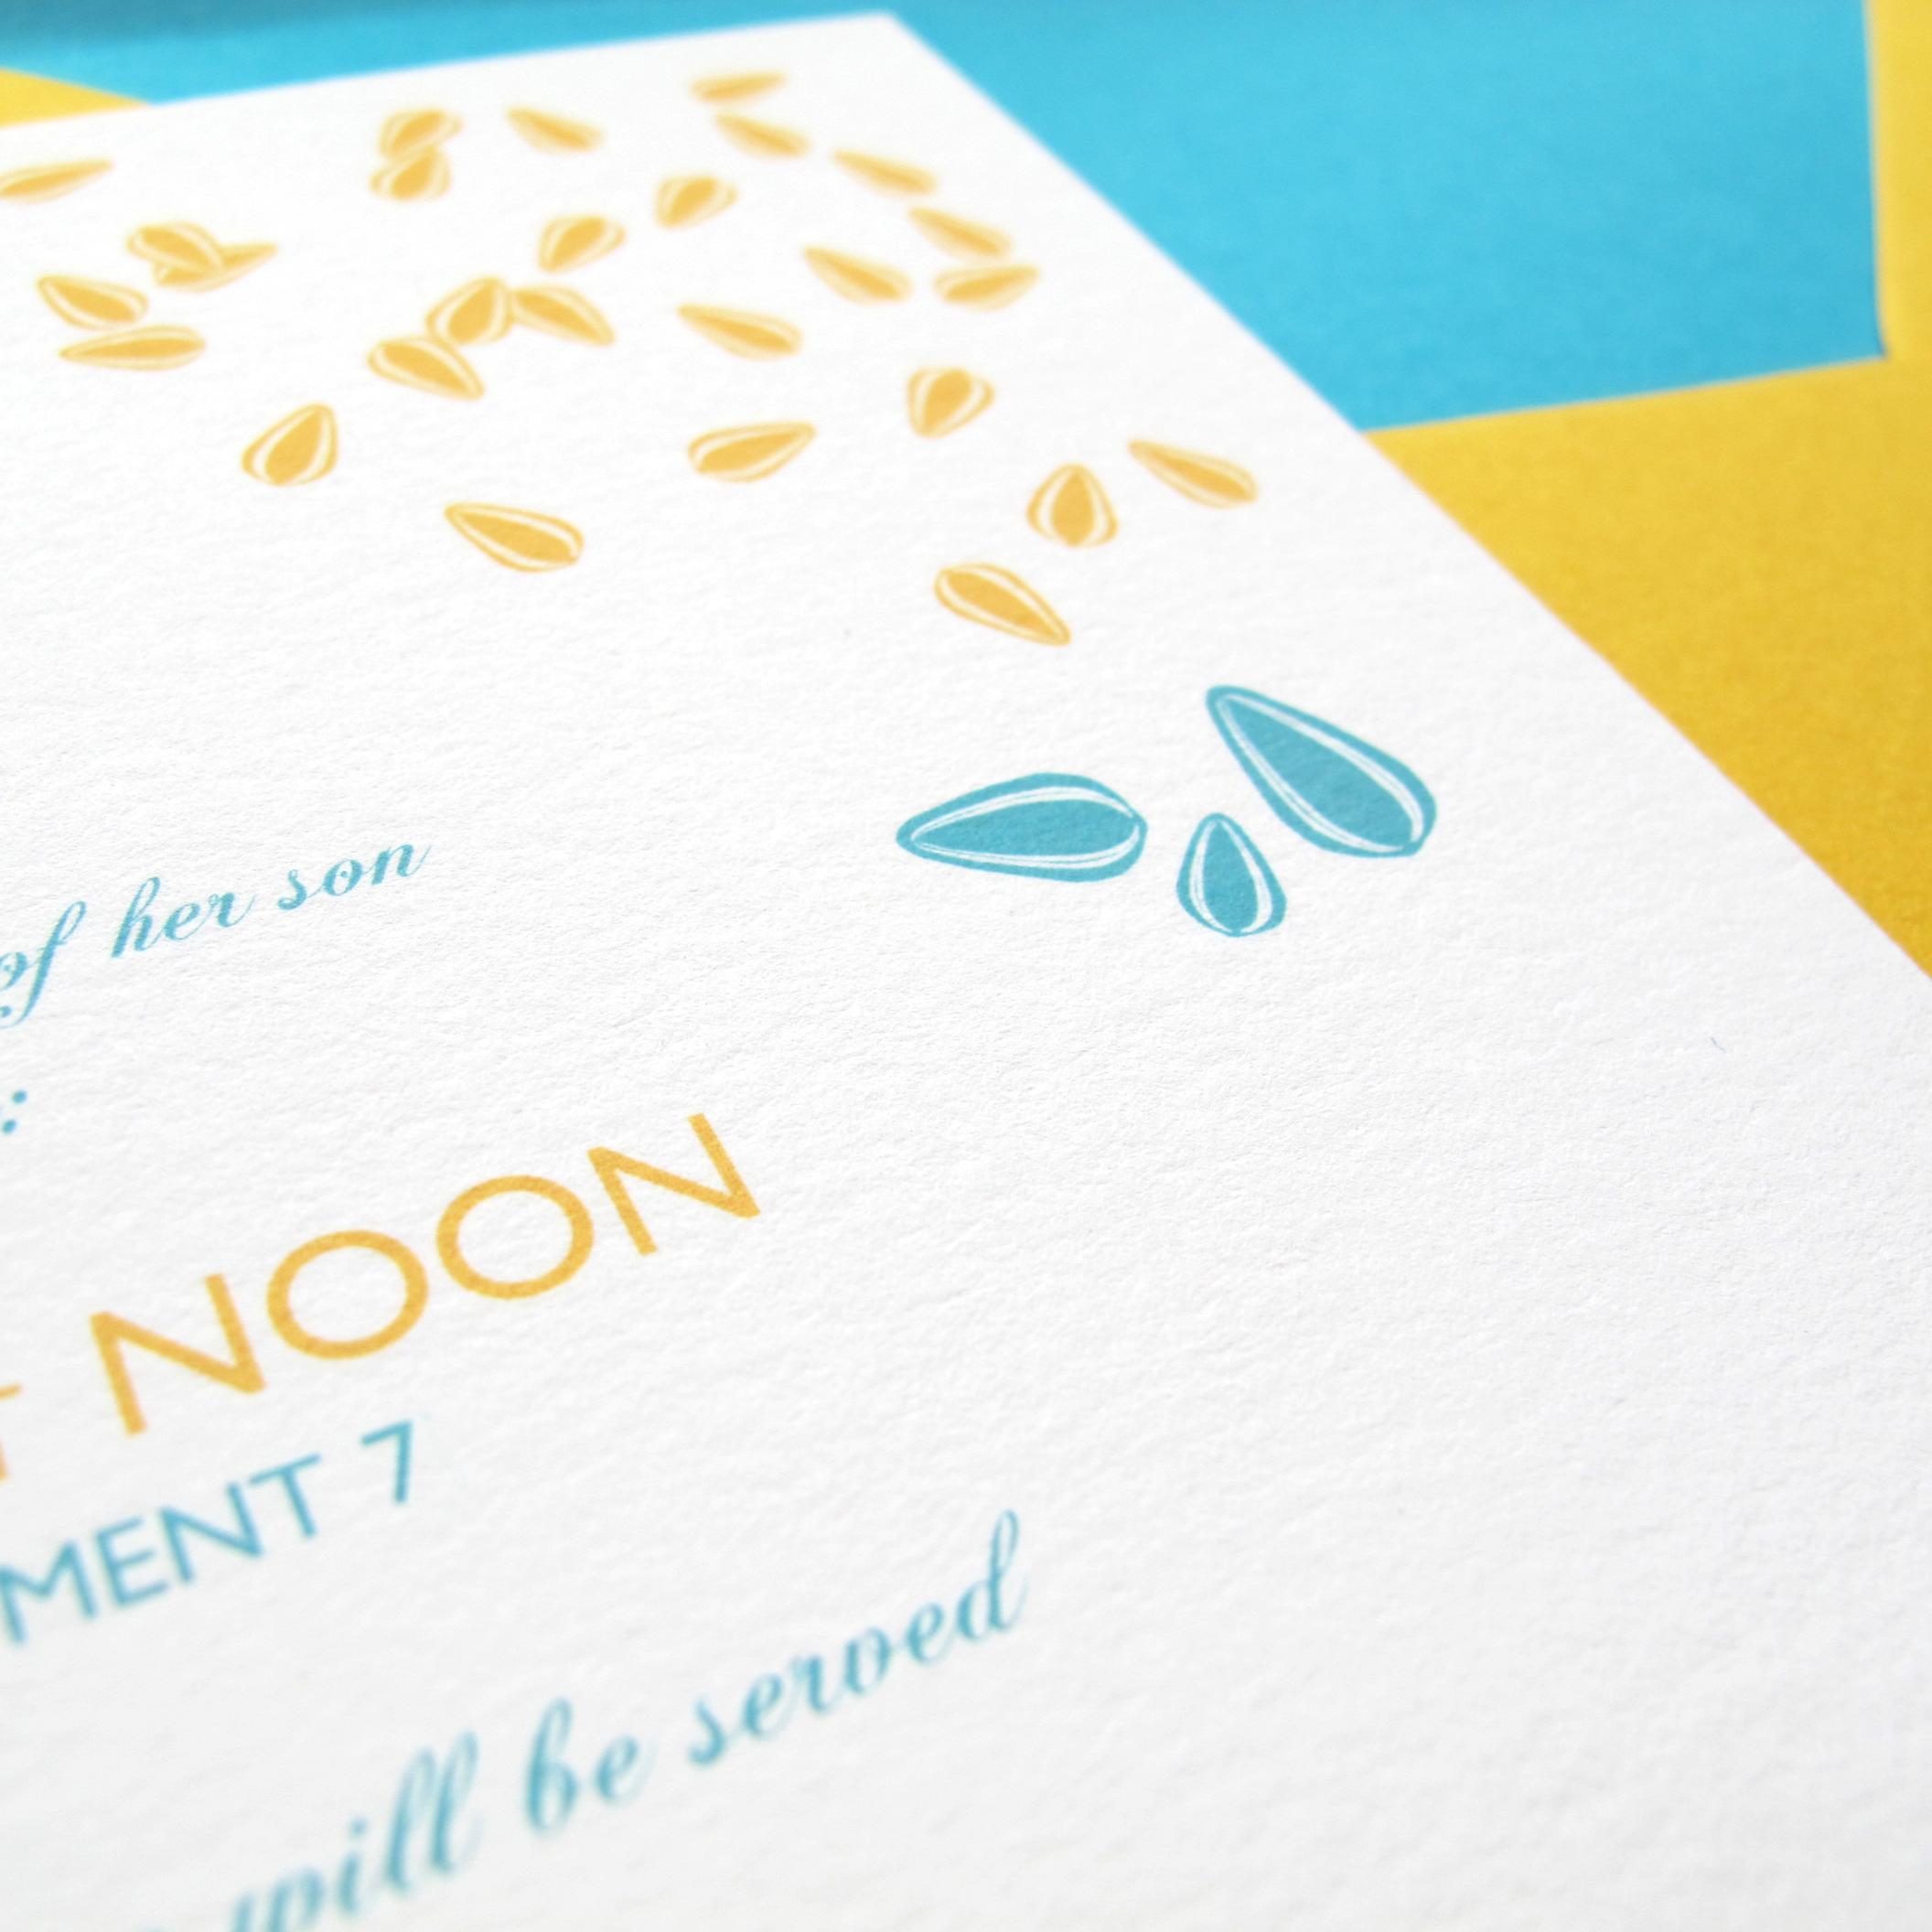 invitation-seed_3.jpg